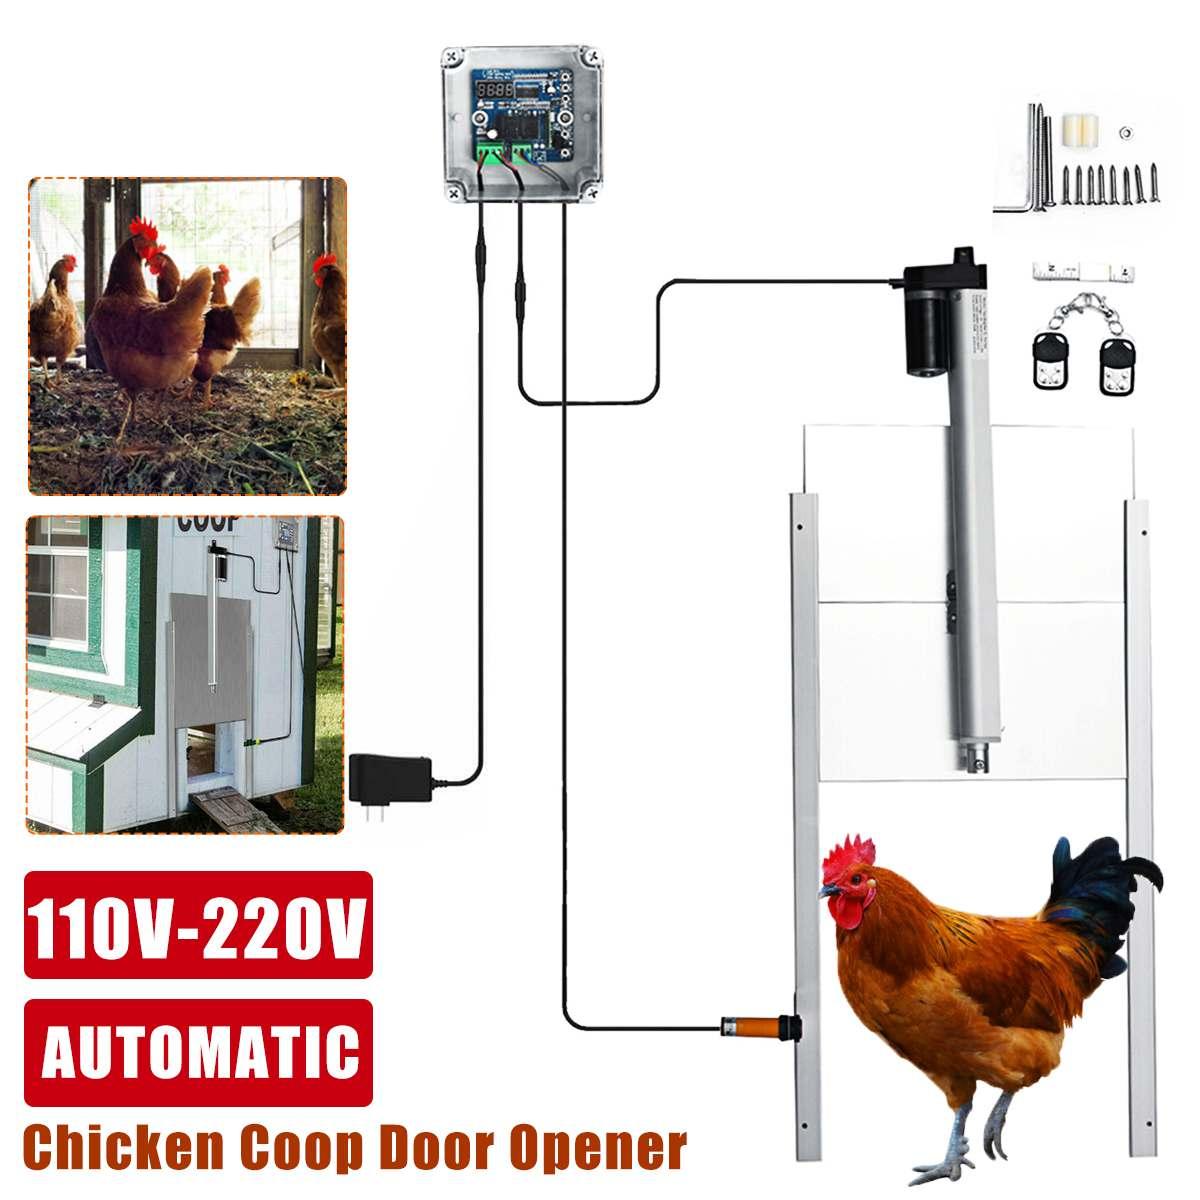 Controle temporizador de porta automático frango, abridor de porta, kit de acessórios para fazenda 110-220v, animais de estimação, brinquedos de cachorro abridor de porta